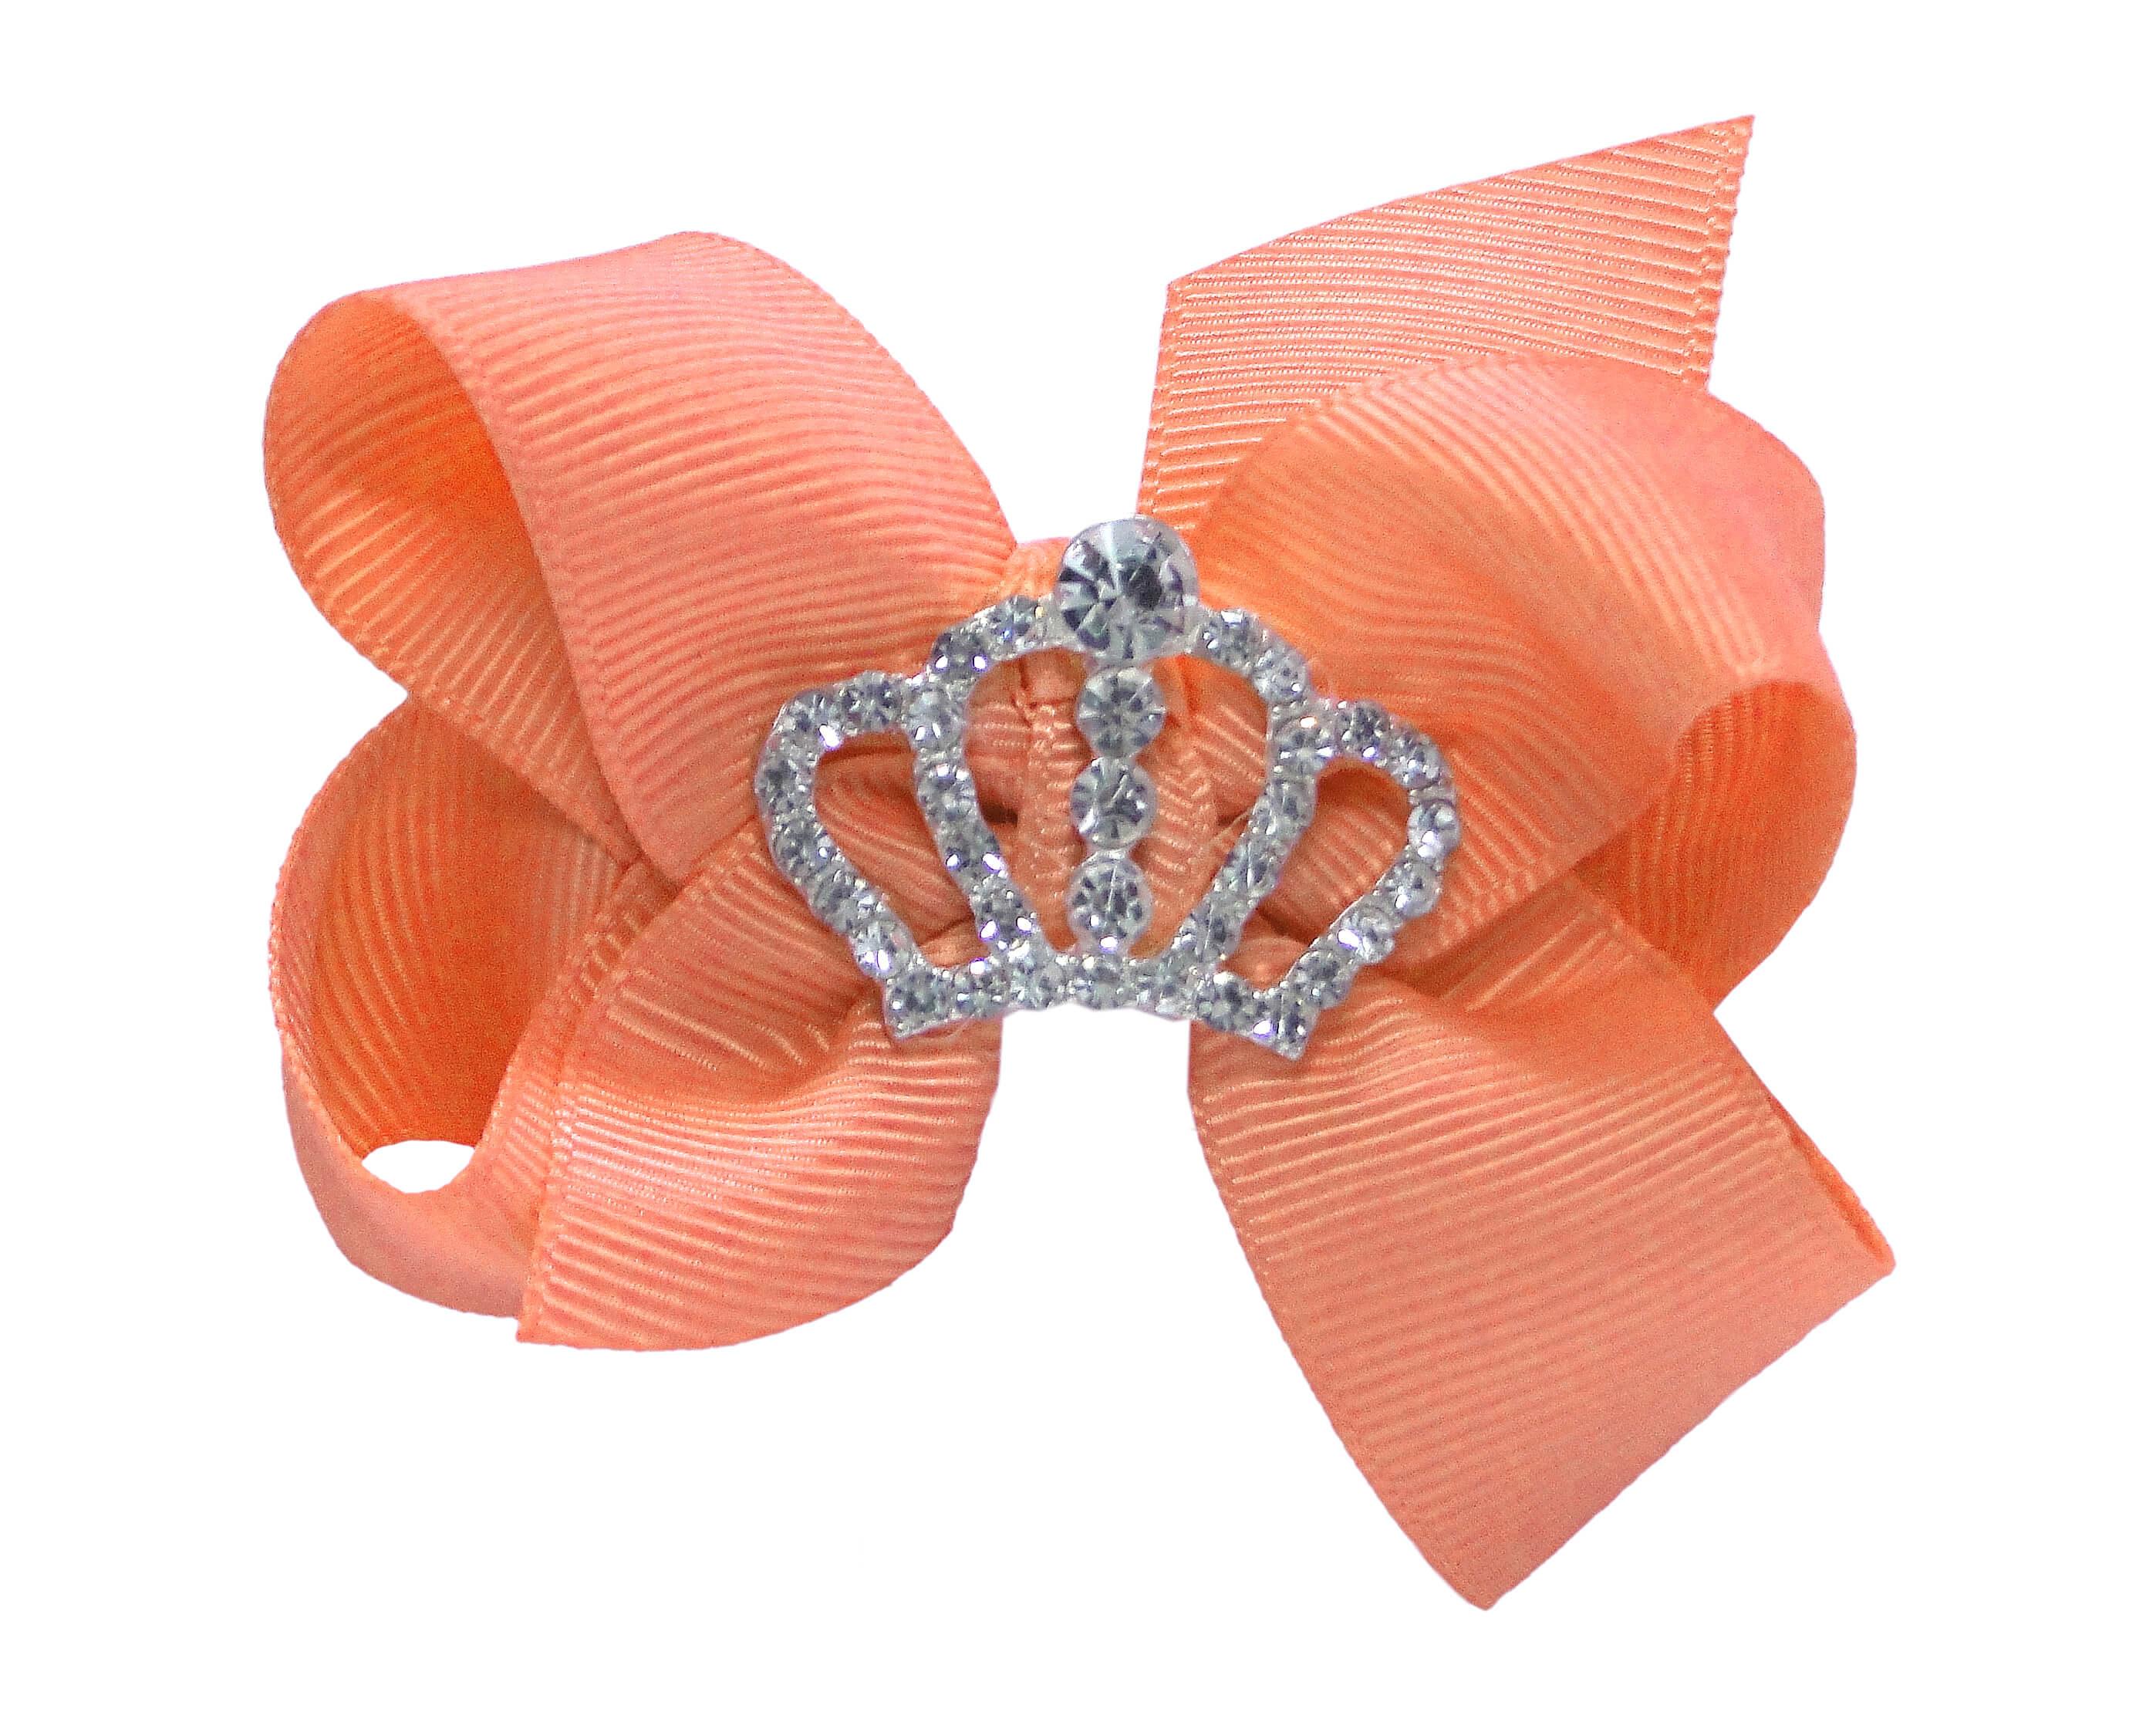 Laço Duplo Princesa Coroa Strass Pêssego M Laços da Sorte peach